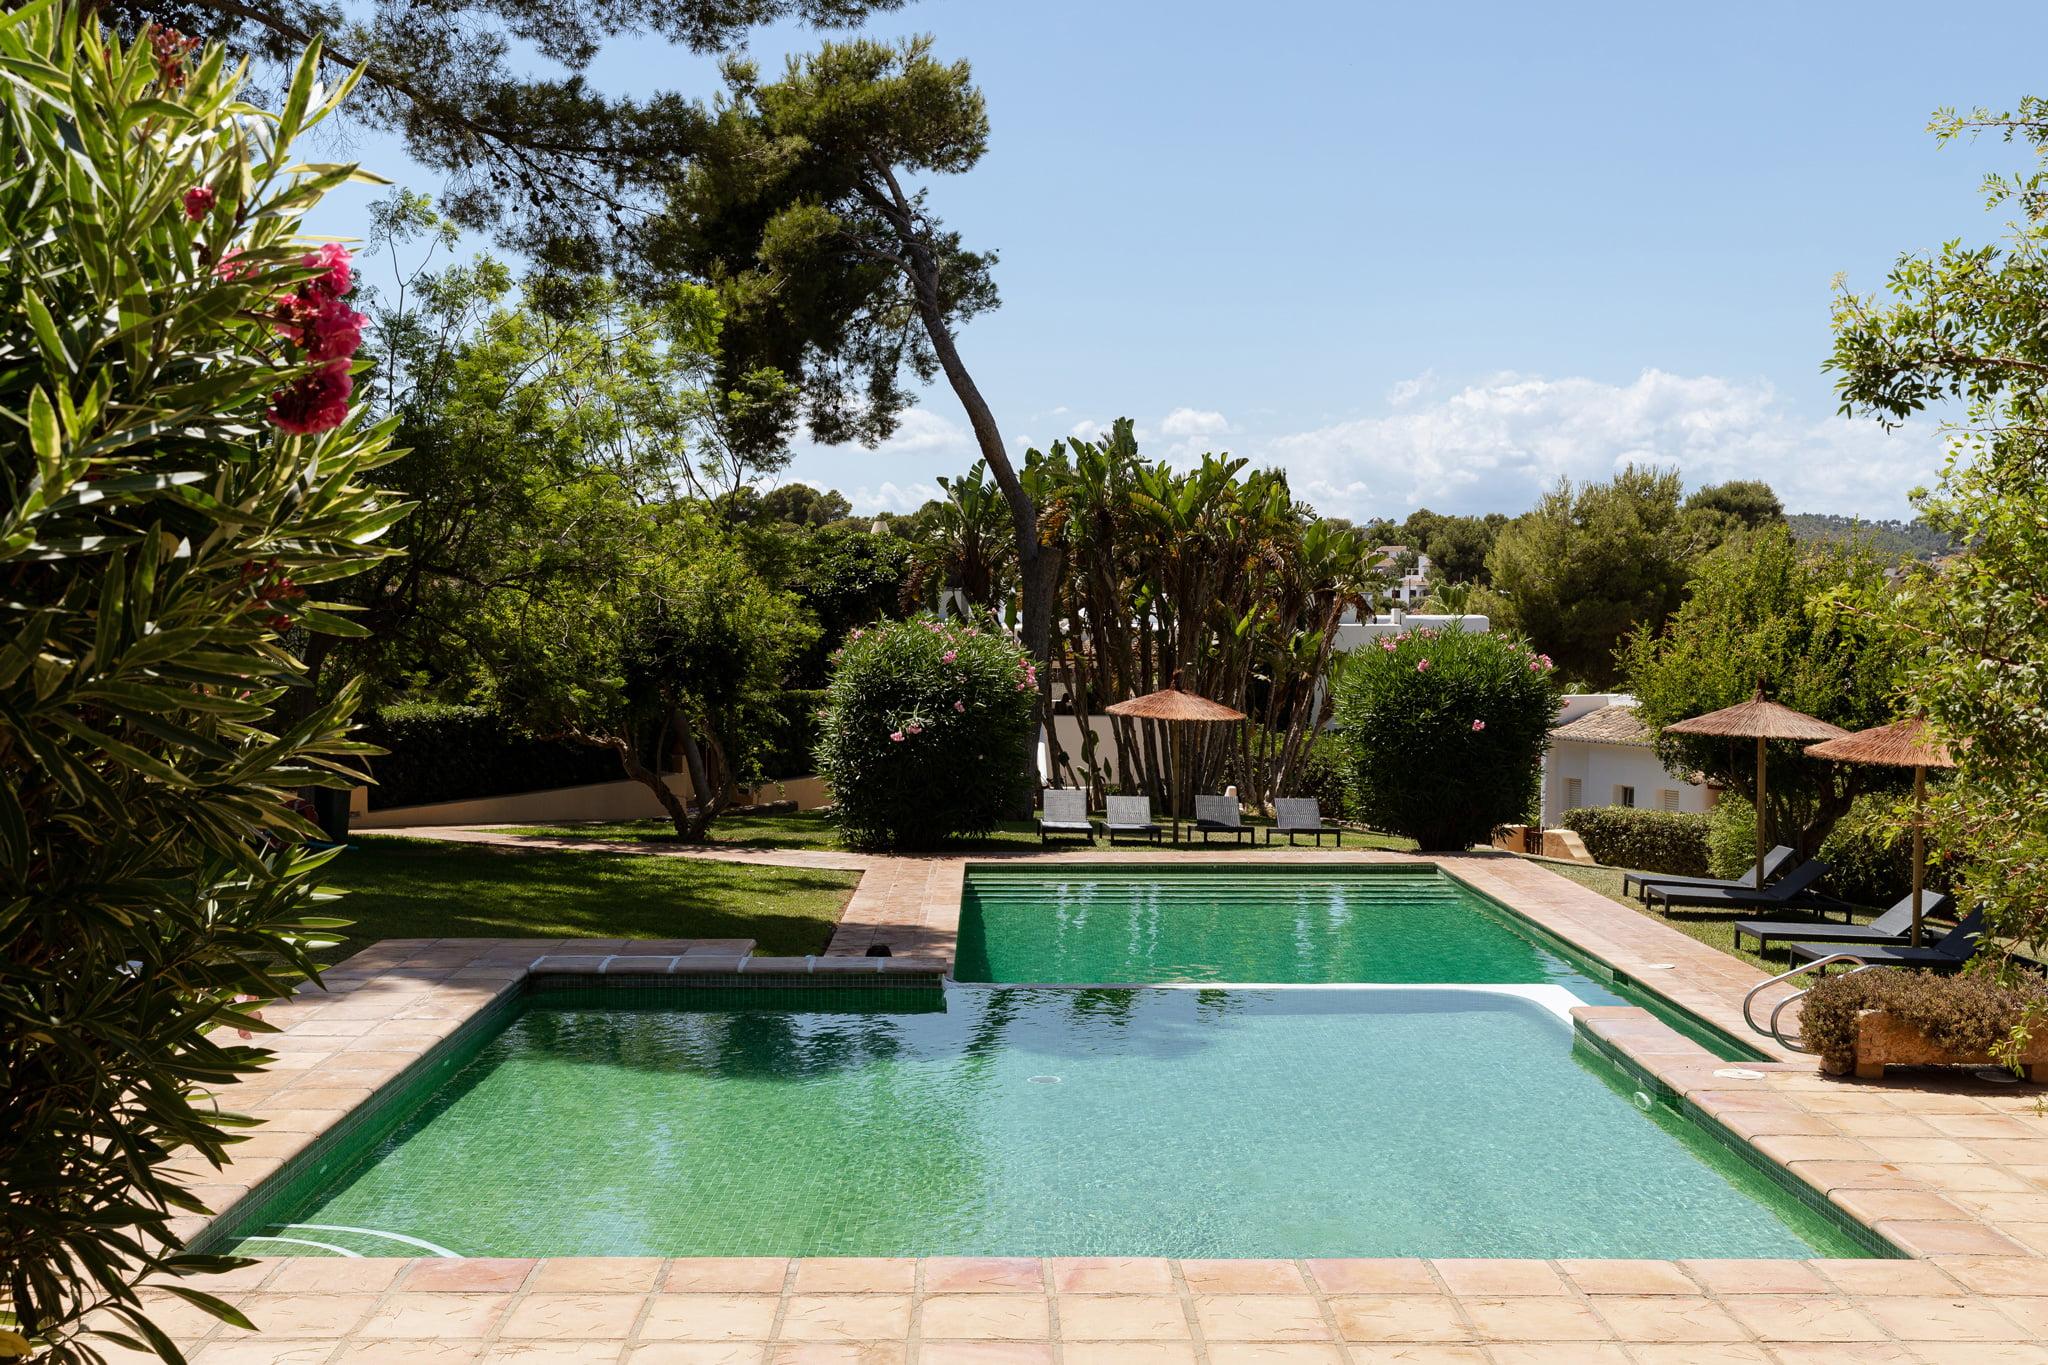 Hotel con piscina en Javea – Hotel Ritual de Terra Resort & Spa